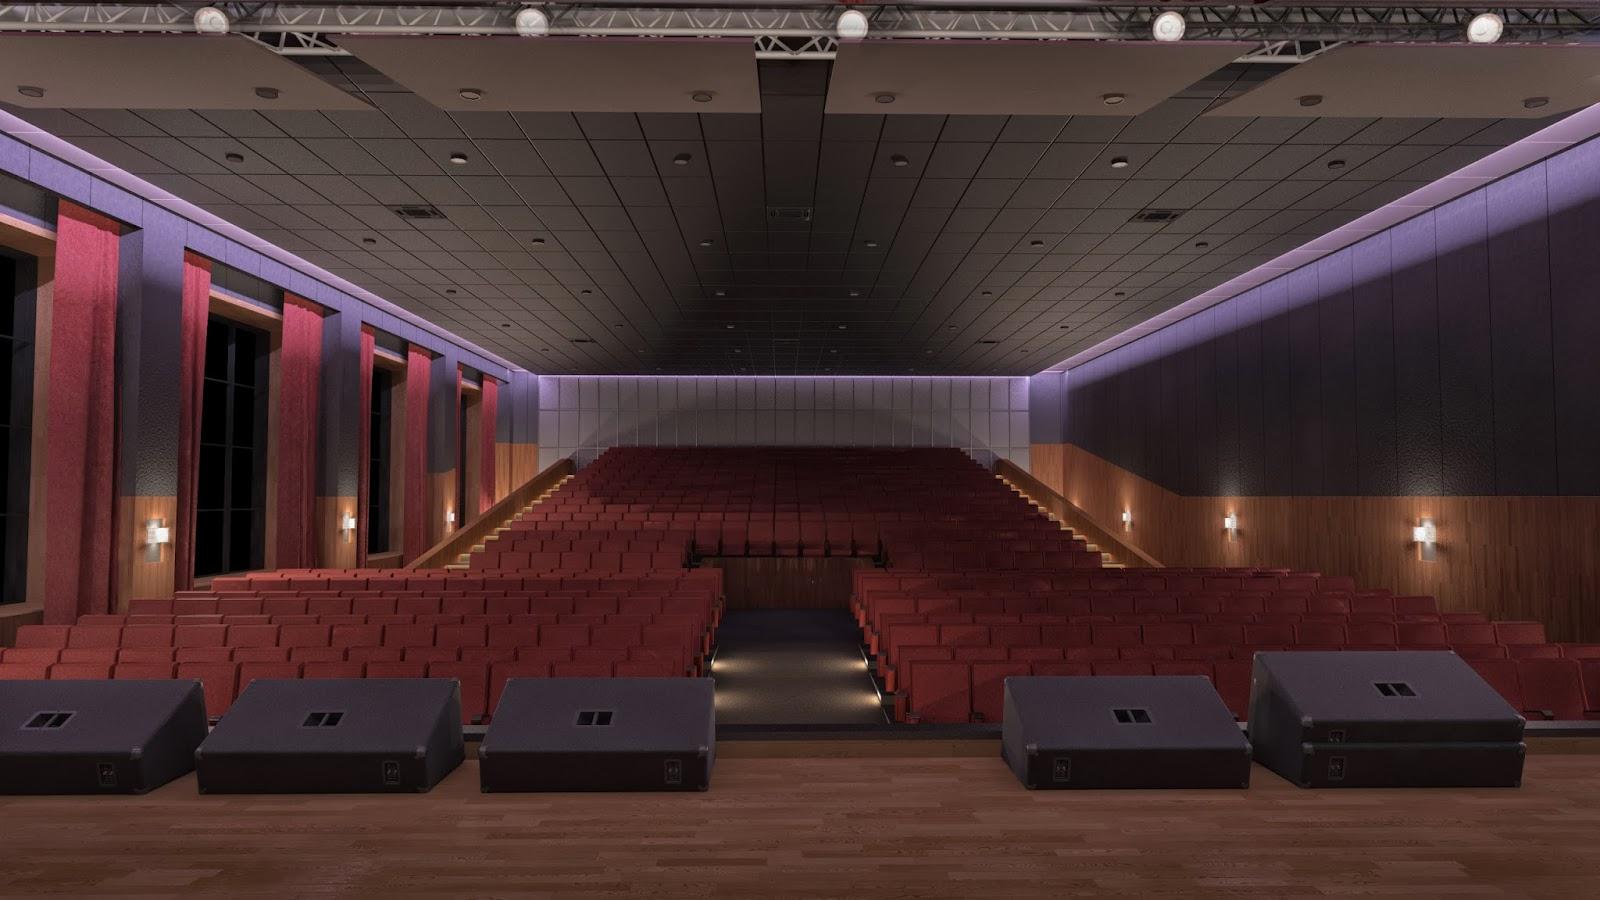 Nuevo auditorio interior estado de brest universidad - Disenador de espacios ...